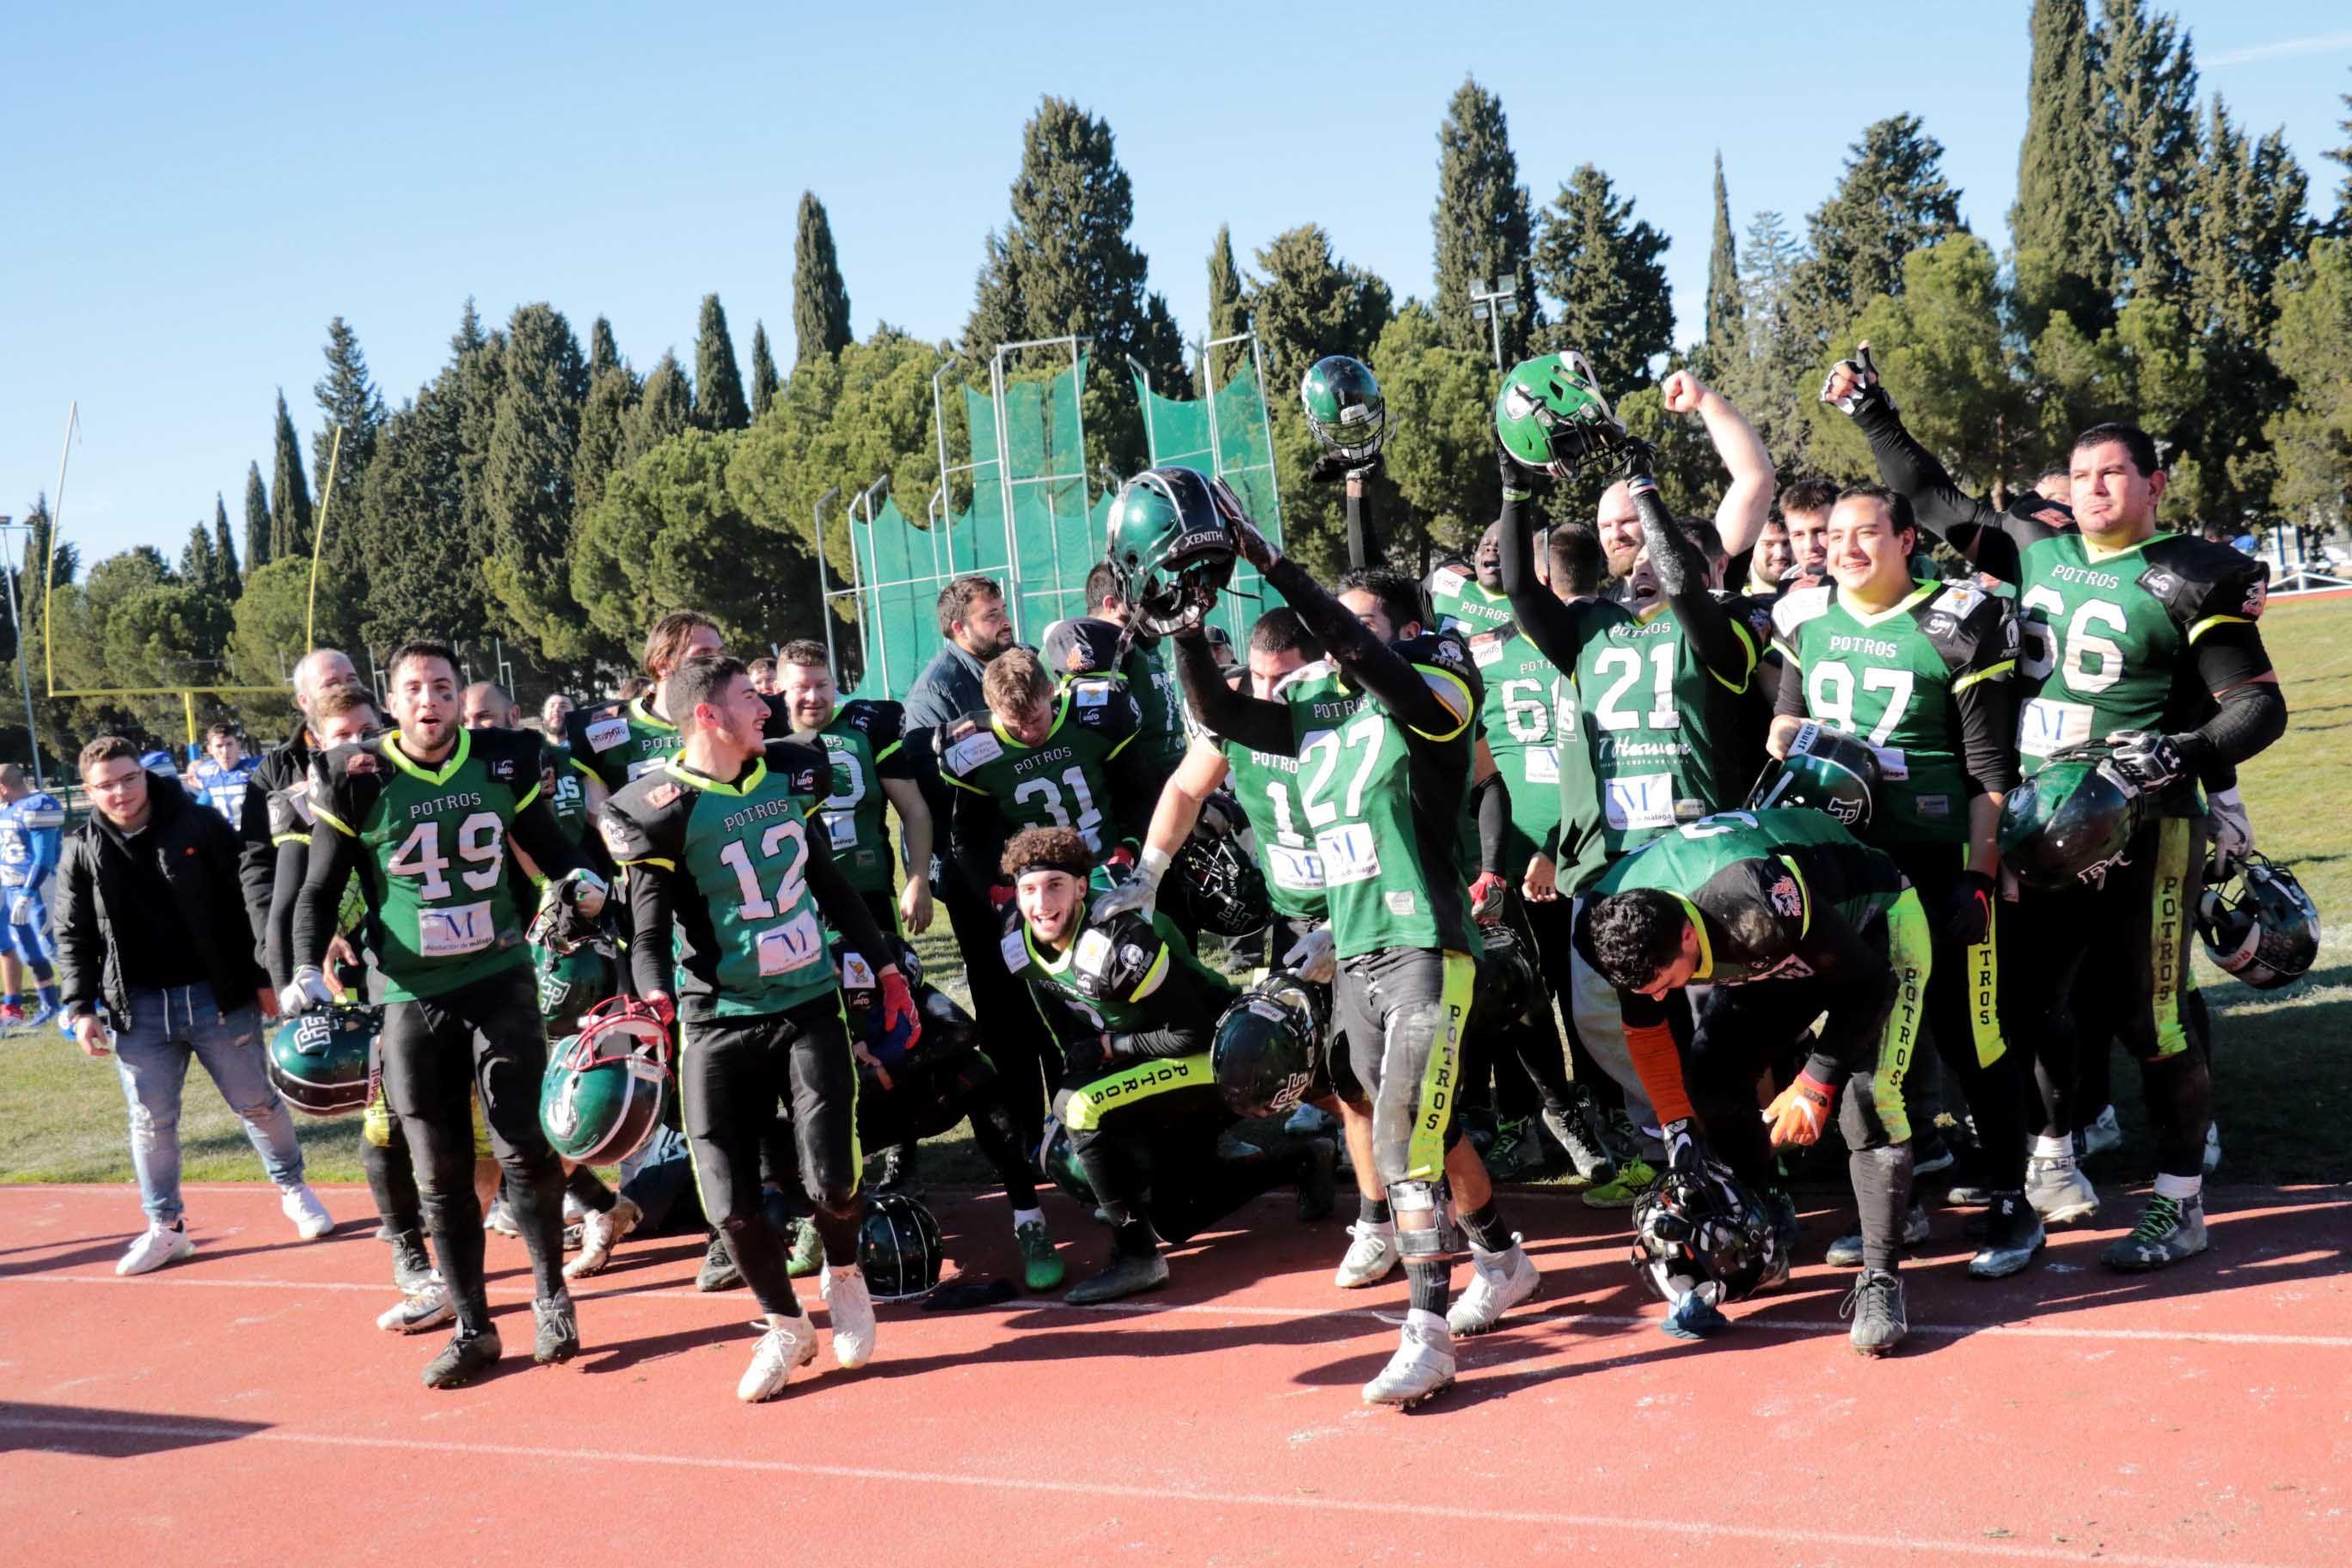 Potros de Fuengirola se llevan la VI Destina Bowl en un campo en condiciones lamentables